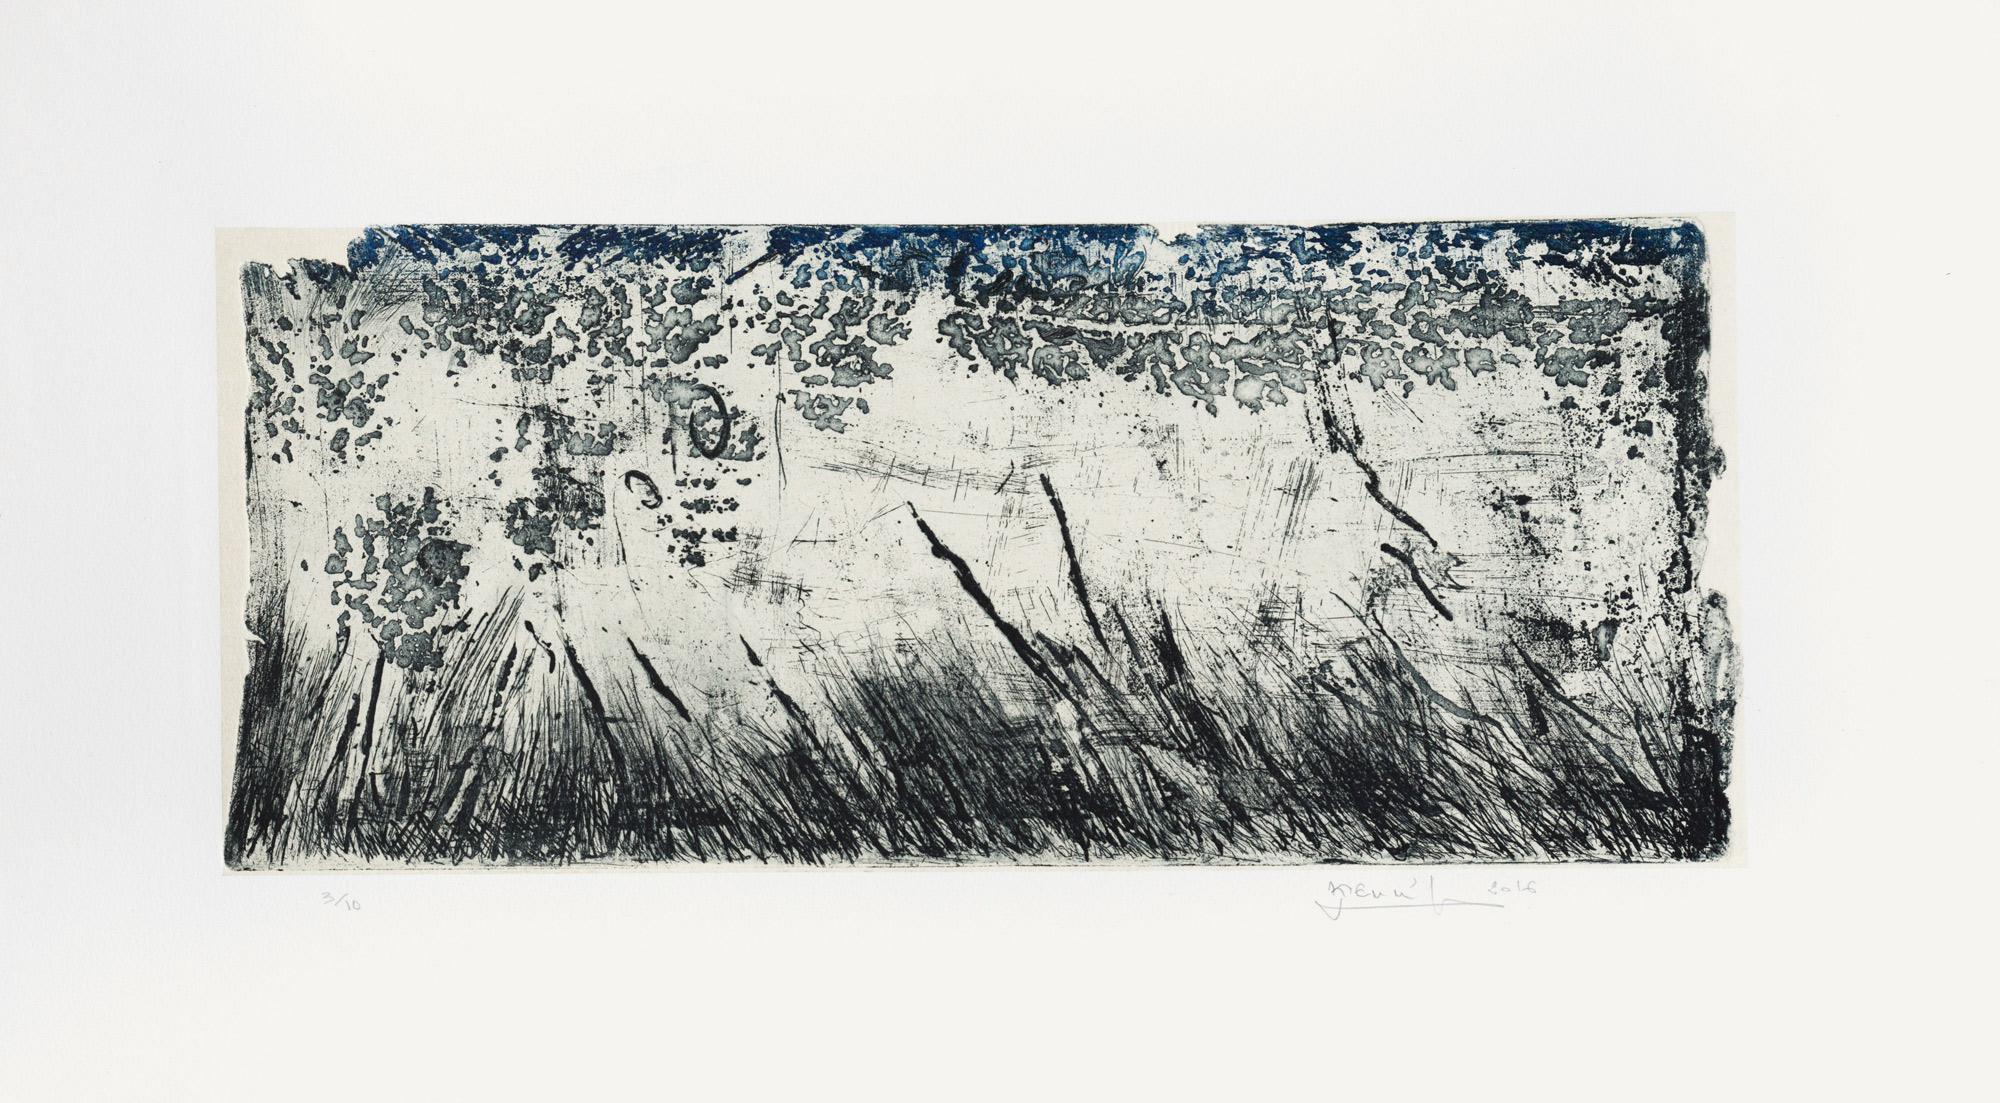 La mare au diable,  2016 Eau forte, pointe sèche et papier chine collé, 65x35 cm